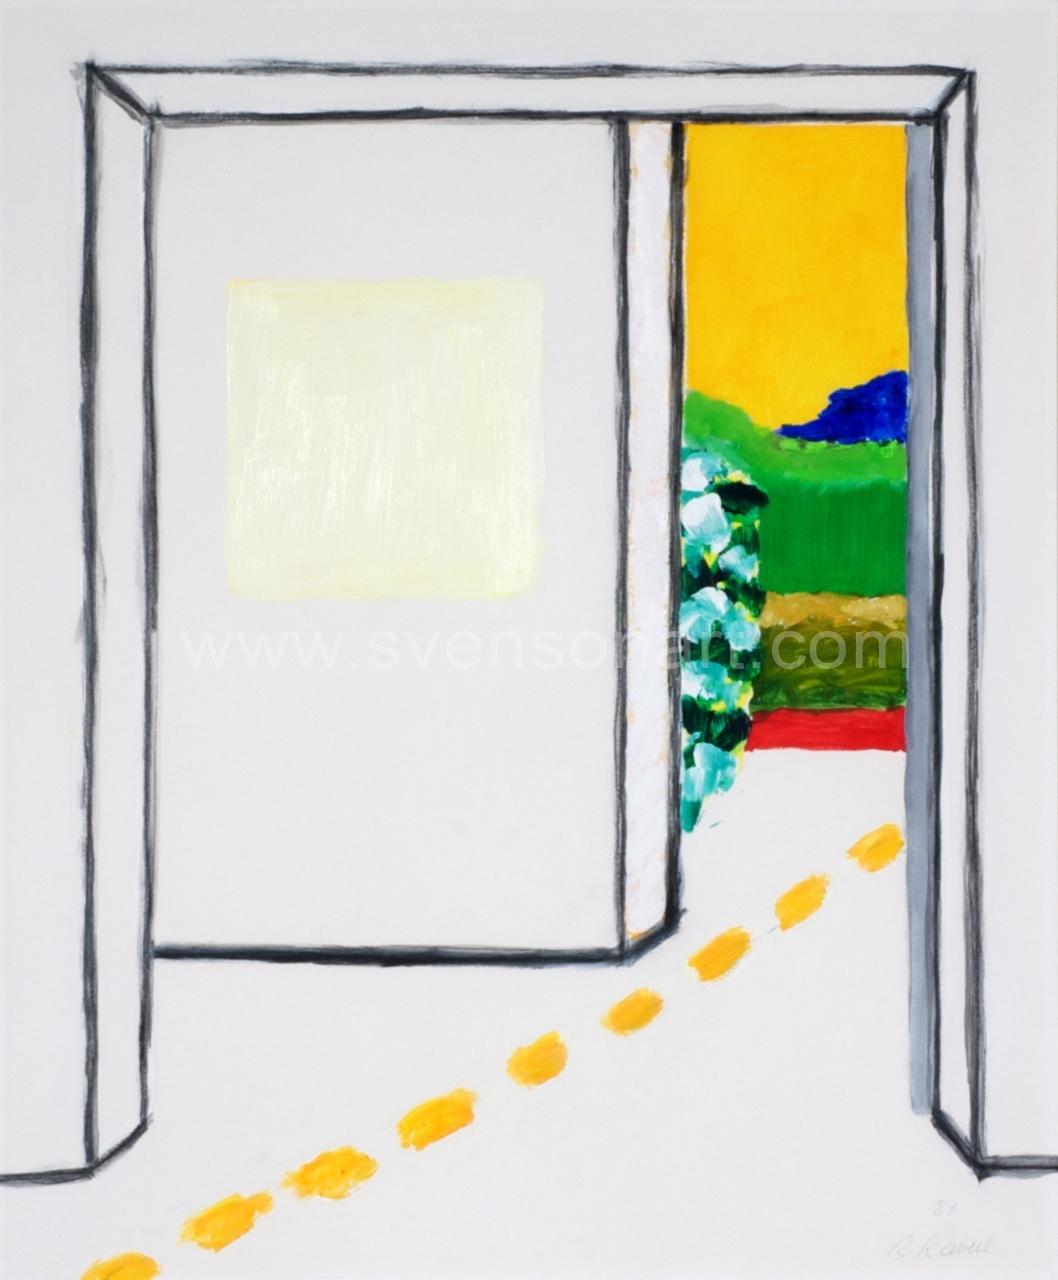 Raveel roger wit vierkant in een kamer met doorkijk svensonart - Upgrade naar een kamer ...